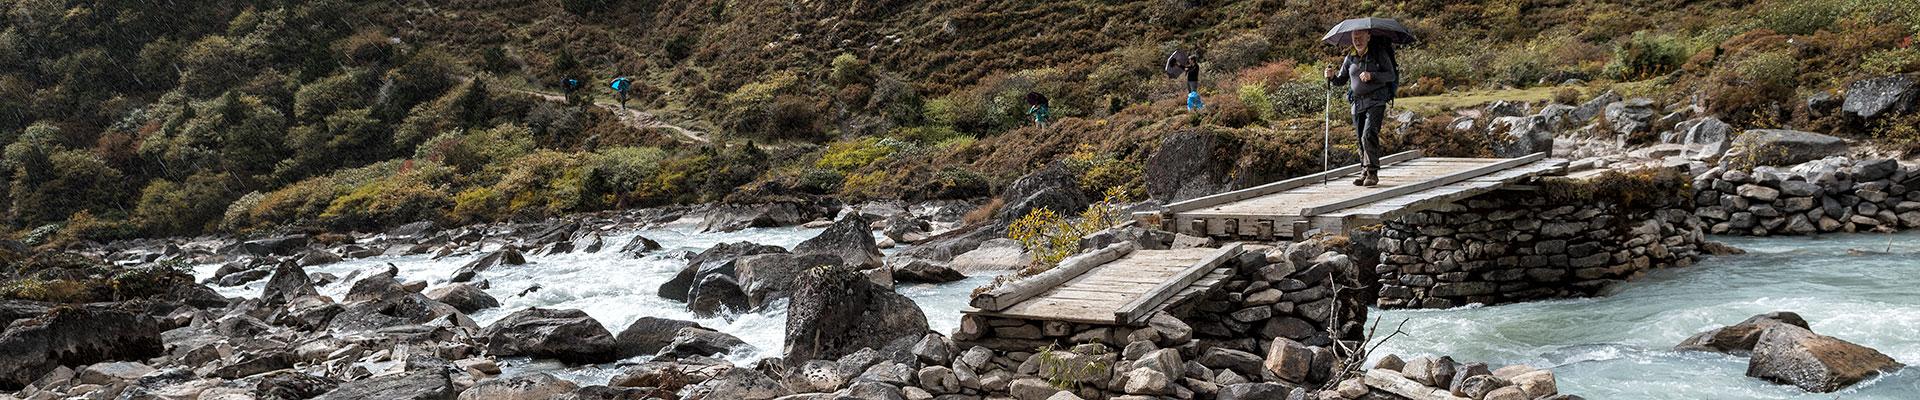 Top image traversée d'une rivière entre Tarina et Thrika, Bhoutan